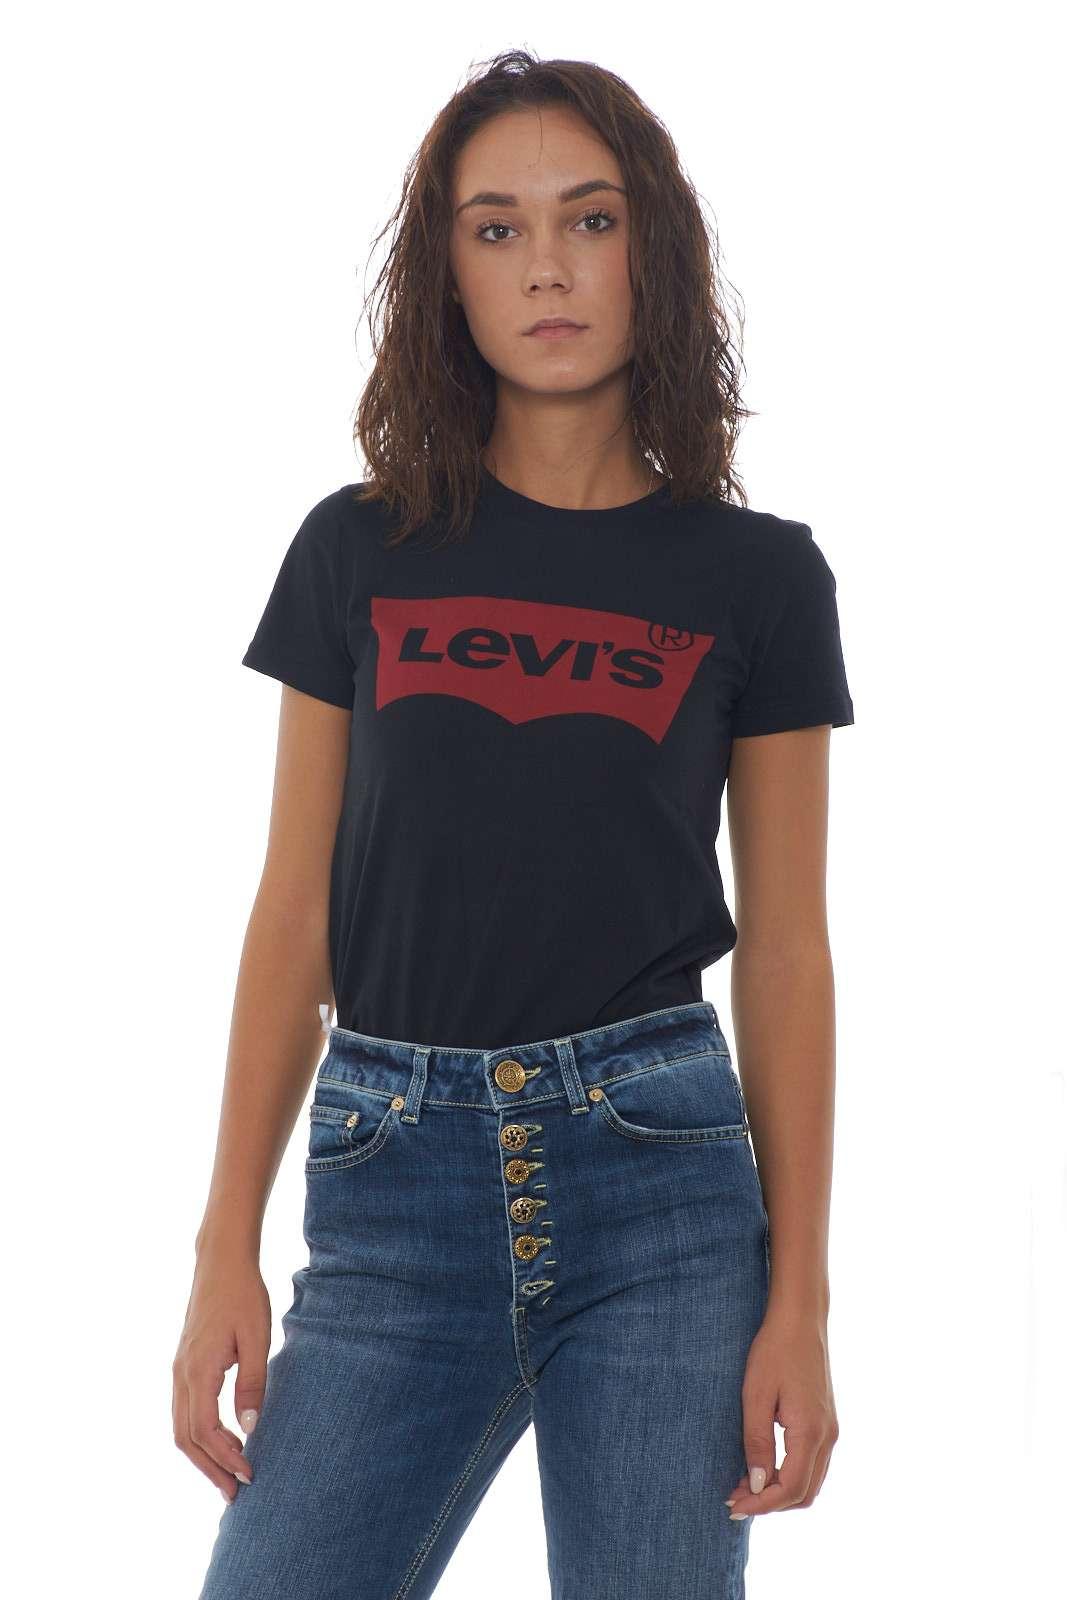 La classica T shirt donna proposta da Levi's si veste di nuovi colori e fantasie. Dal logo in velluto, a quello classico, per arrivare al colorblock. Tutte da collezionare per combinazioni di outfit perfette. La modella è alta 1.85m e indossa la taglia XS